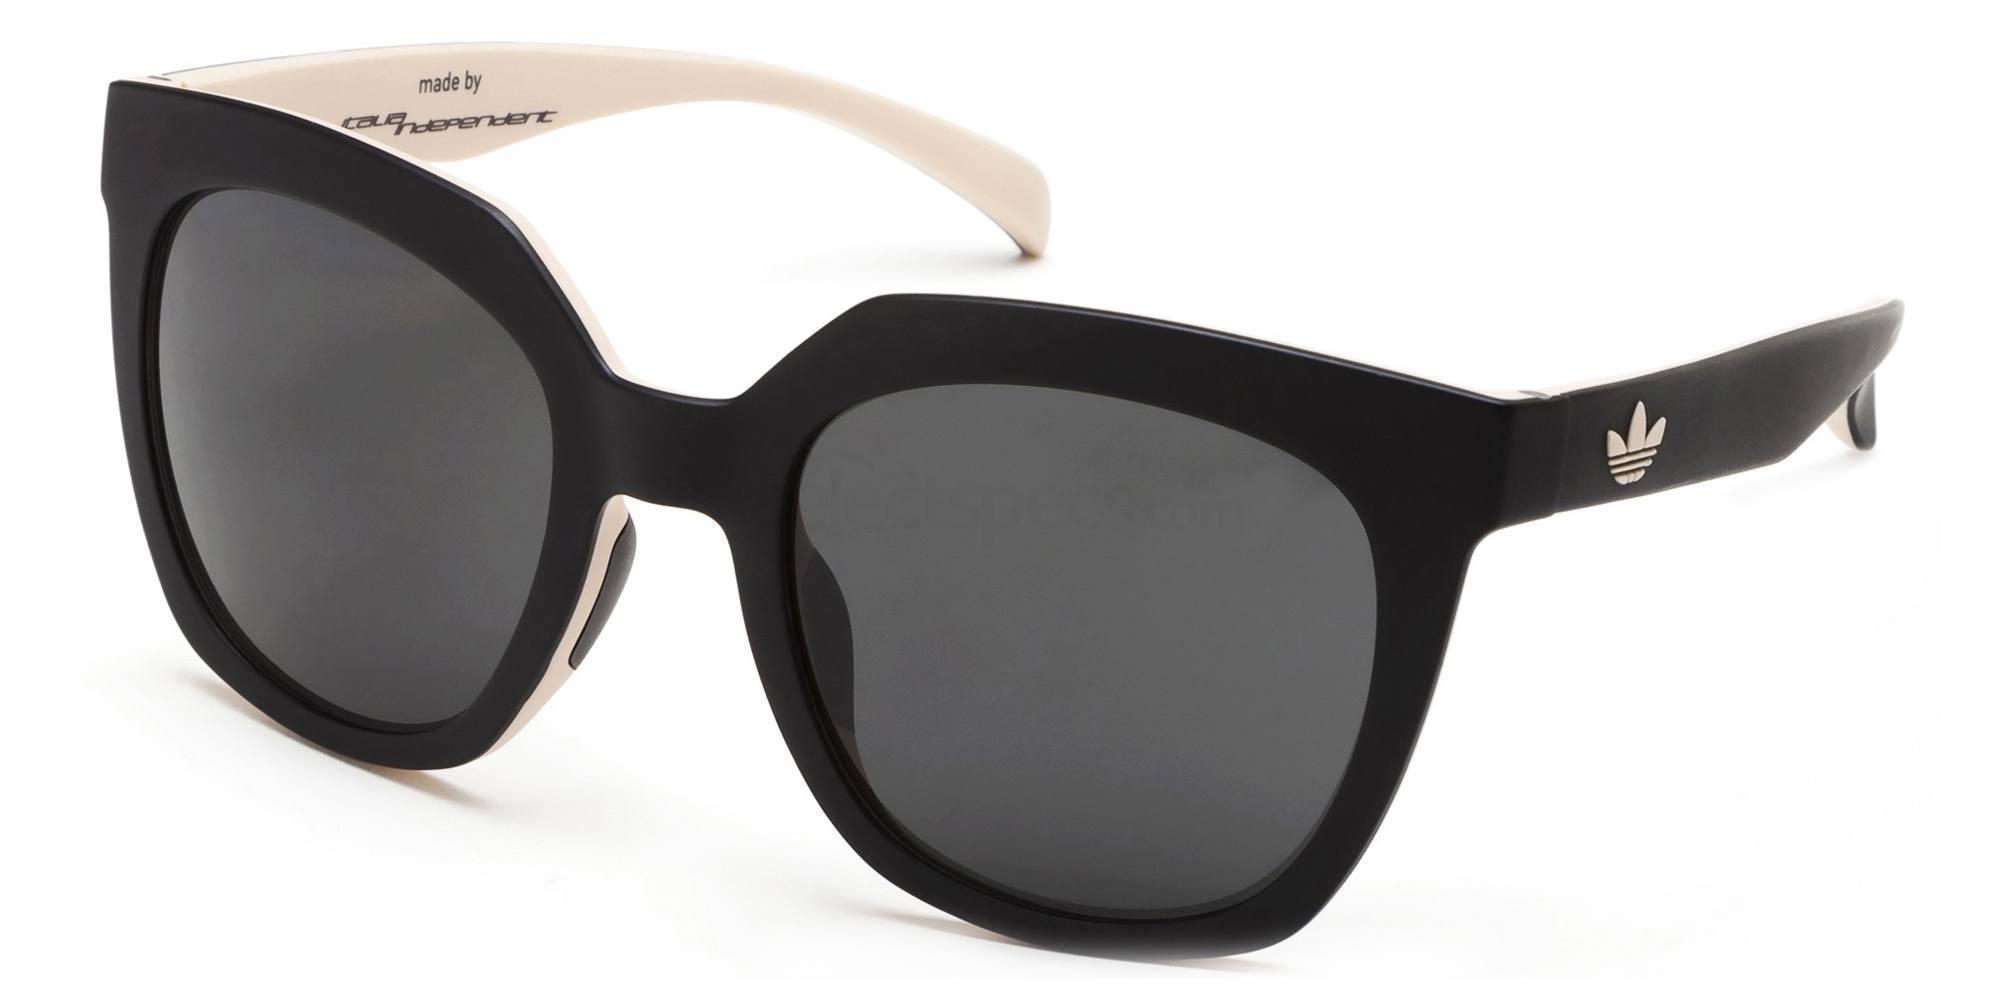 009.011 AOR008 Sunglasses, Adidas Originals